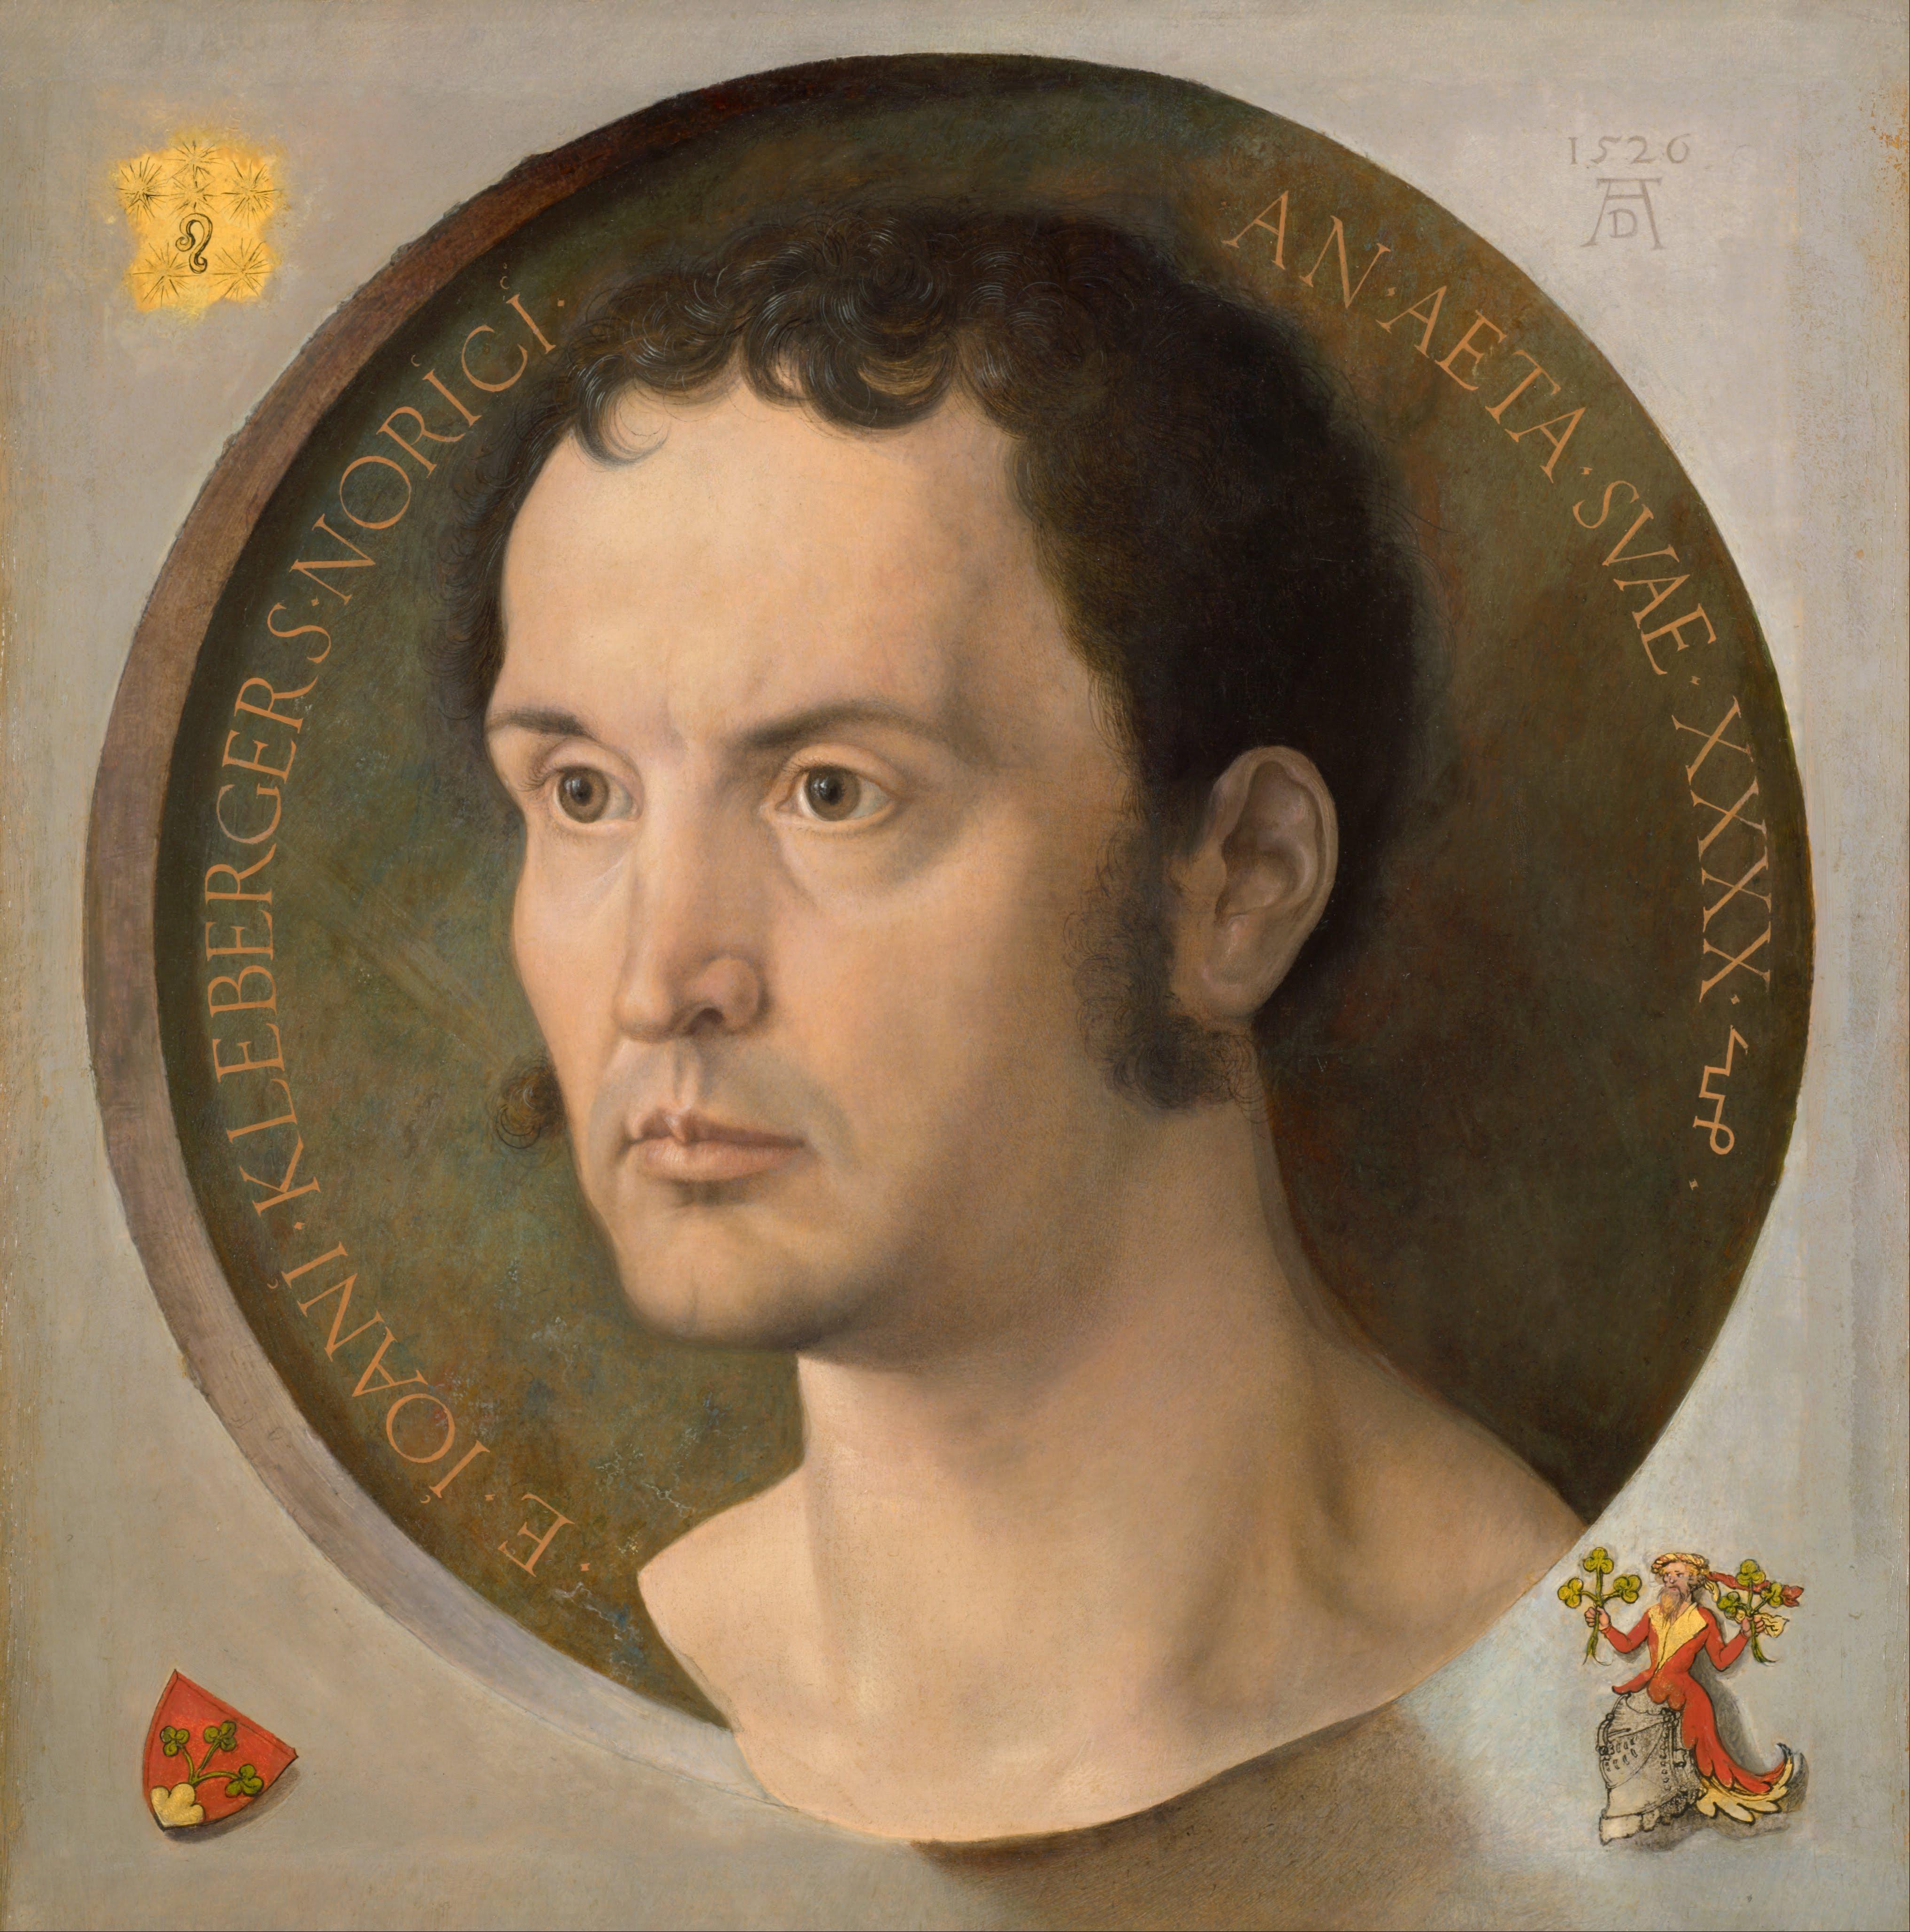 durer albrecht renaissance paintings kloebeger conspiracies astrology sign of leo